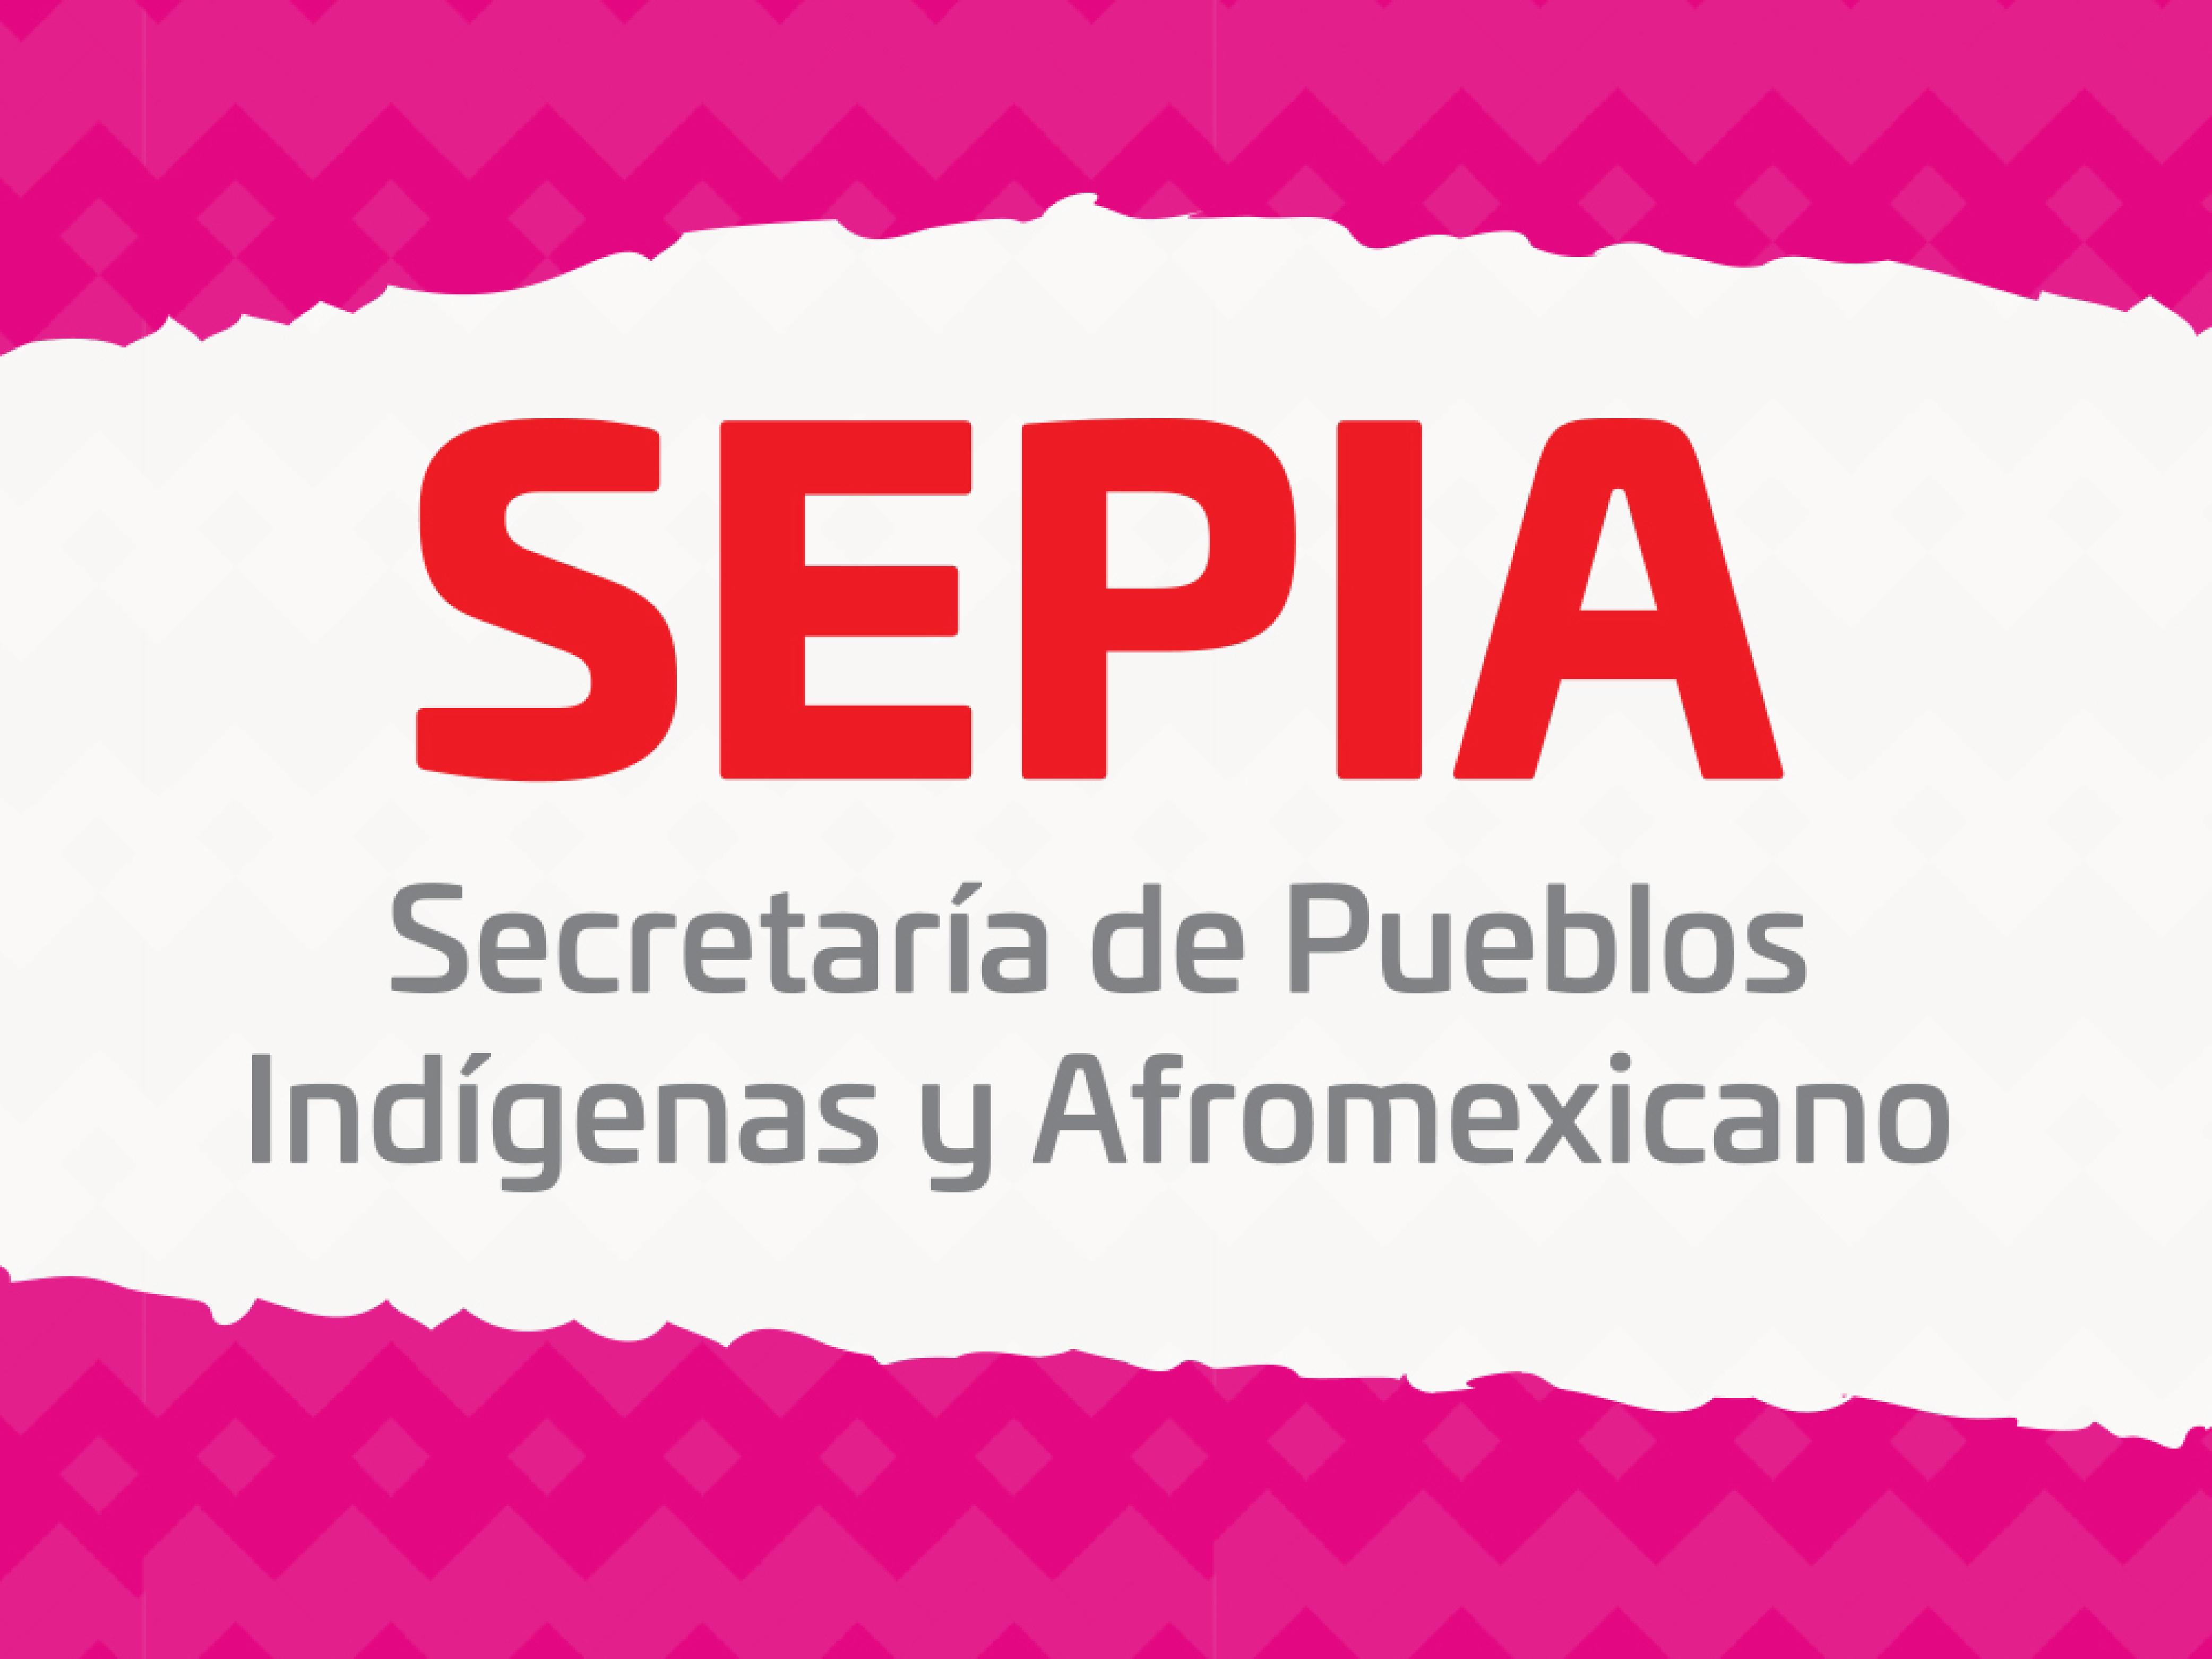 Convocatoria para la integración del Comité de Ética y de Prevención de Conflictos de Interés (CEPCI) de la SEPIA